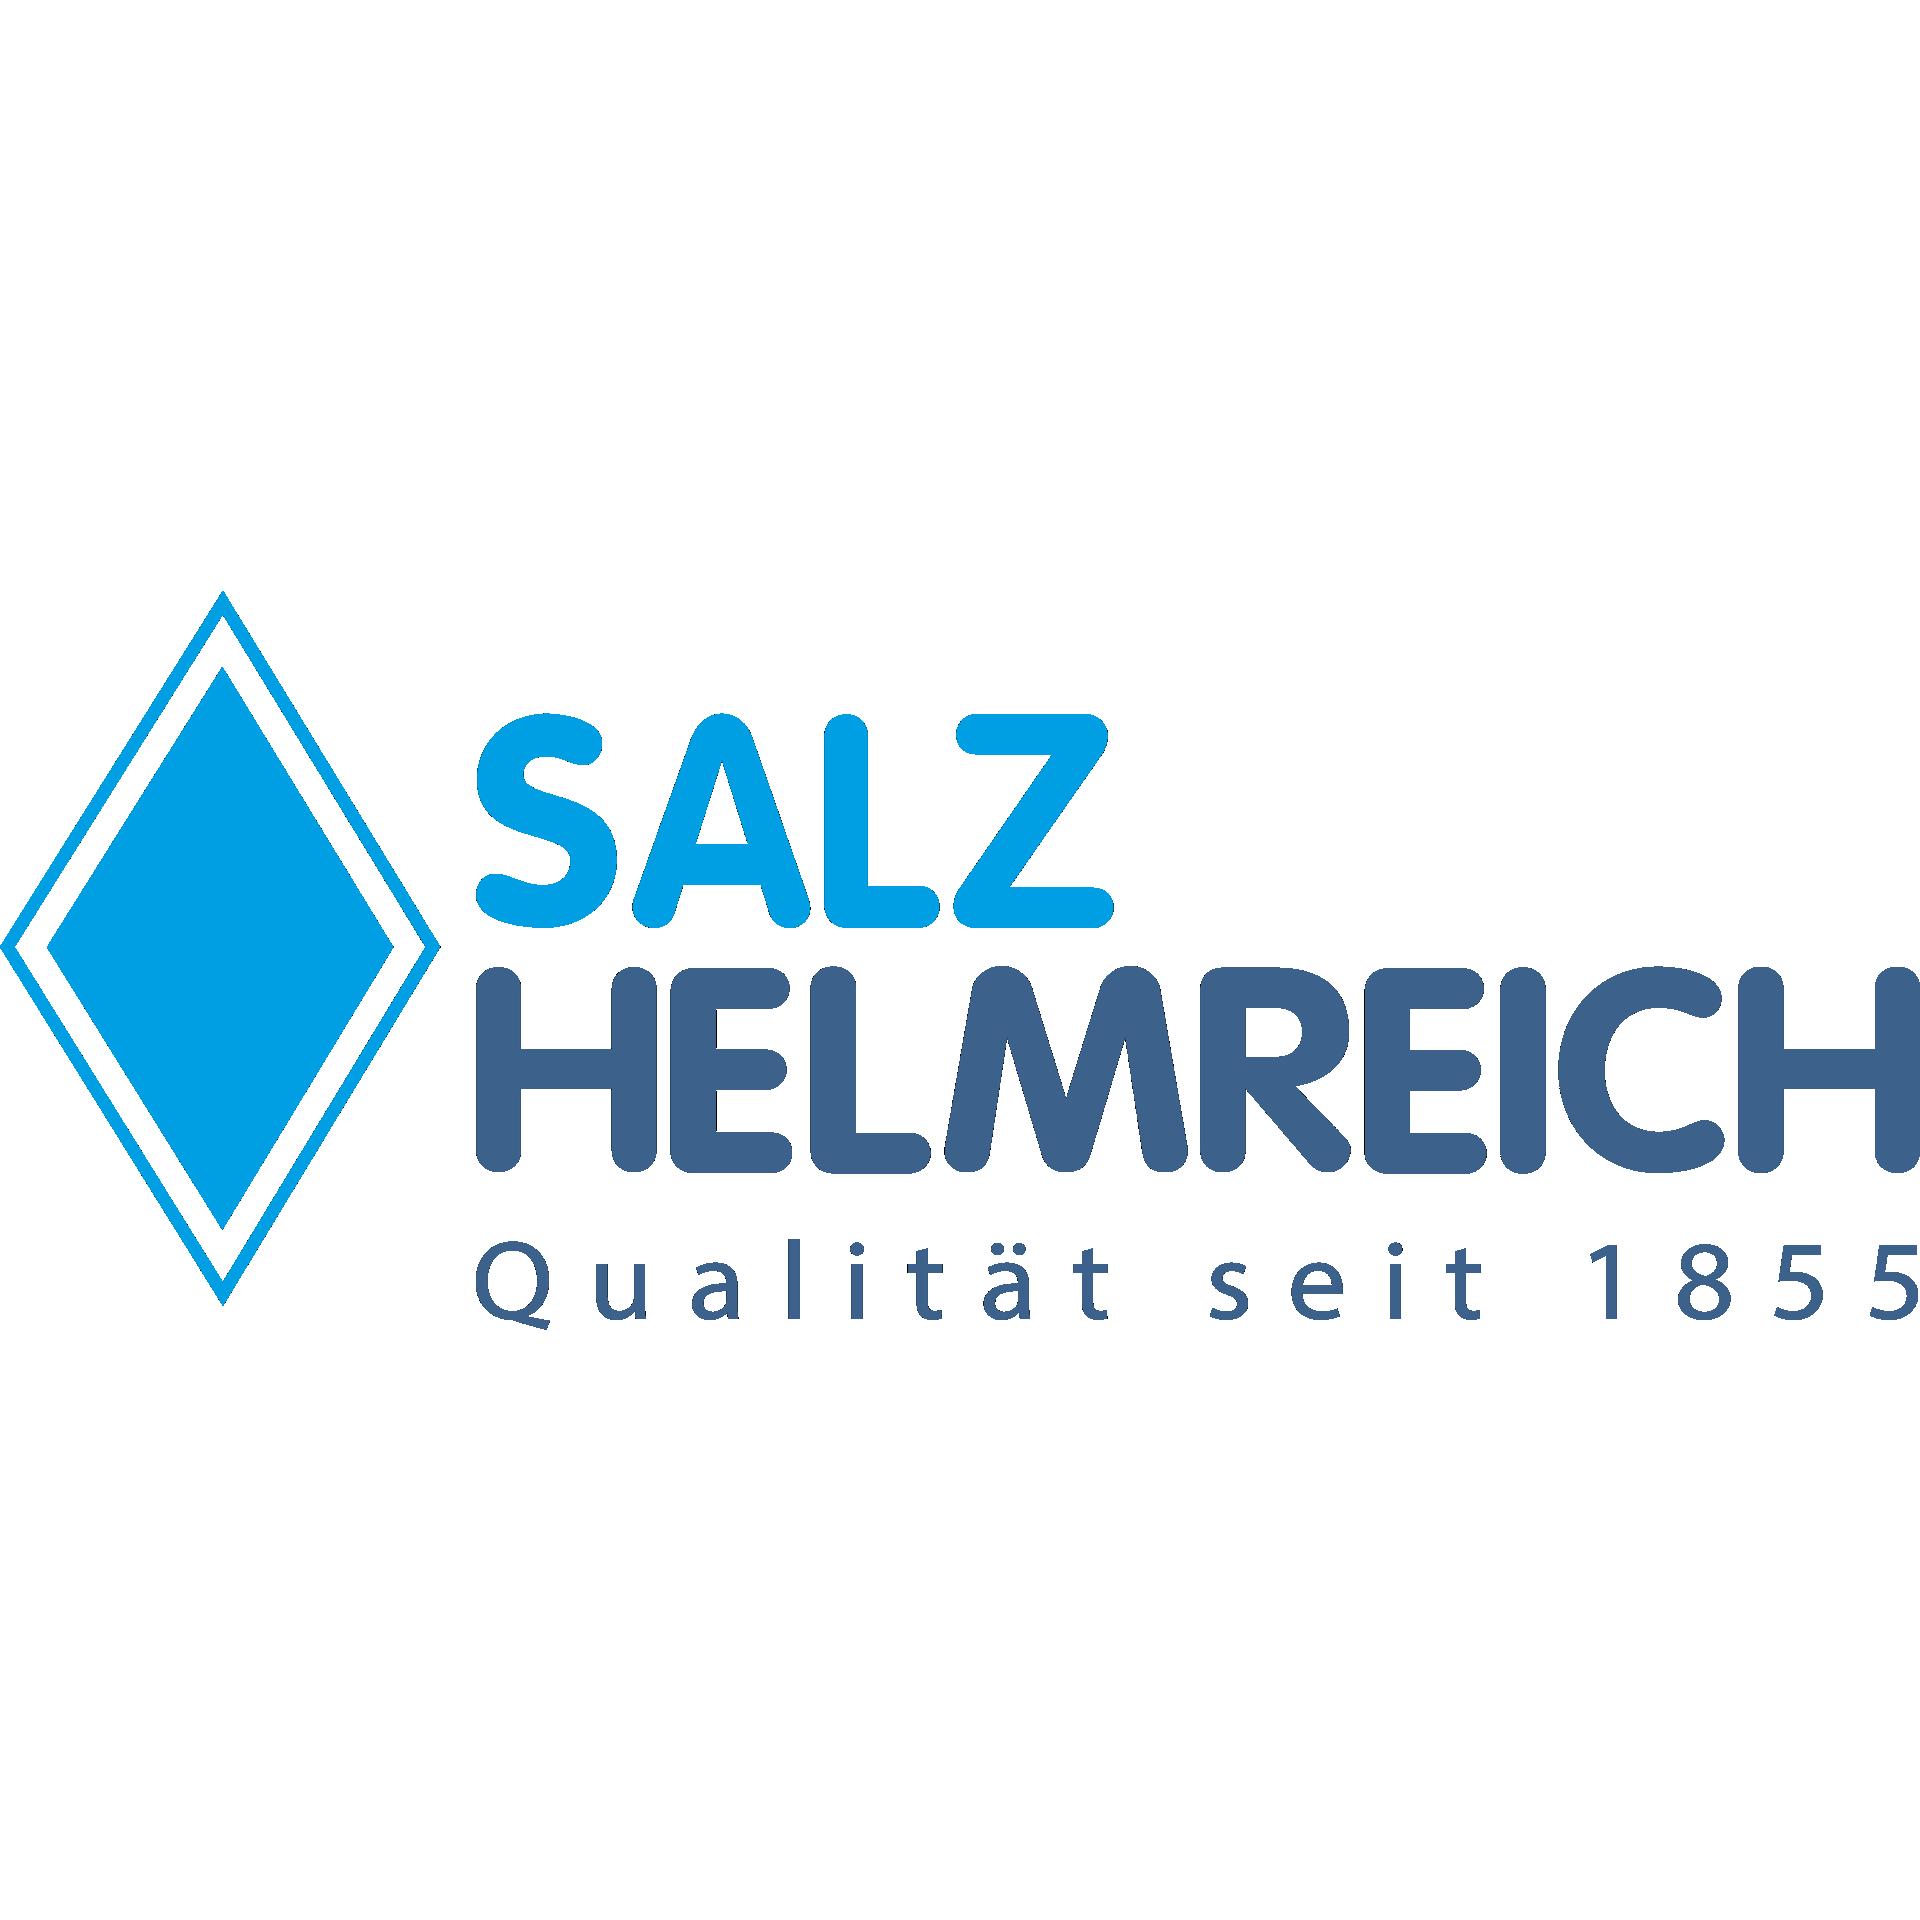 Siede - Speisesalz microfine 0-0,15mm im 20kg  Sack